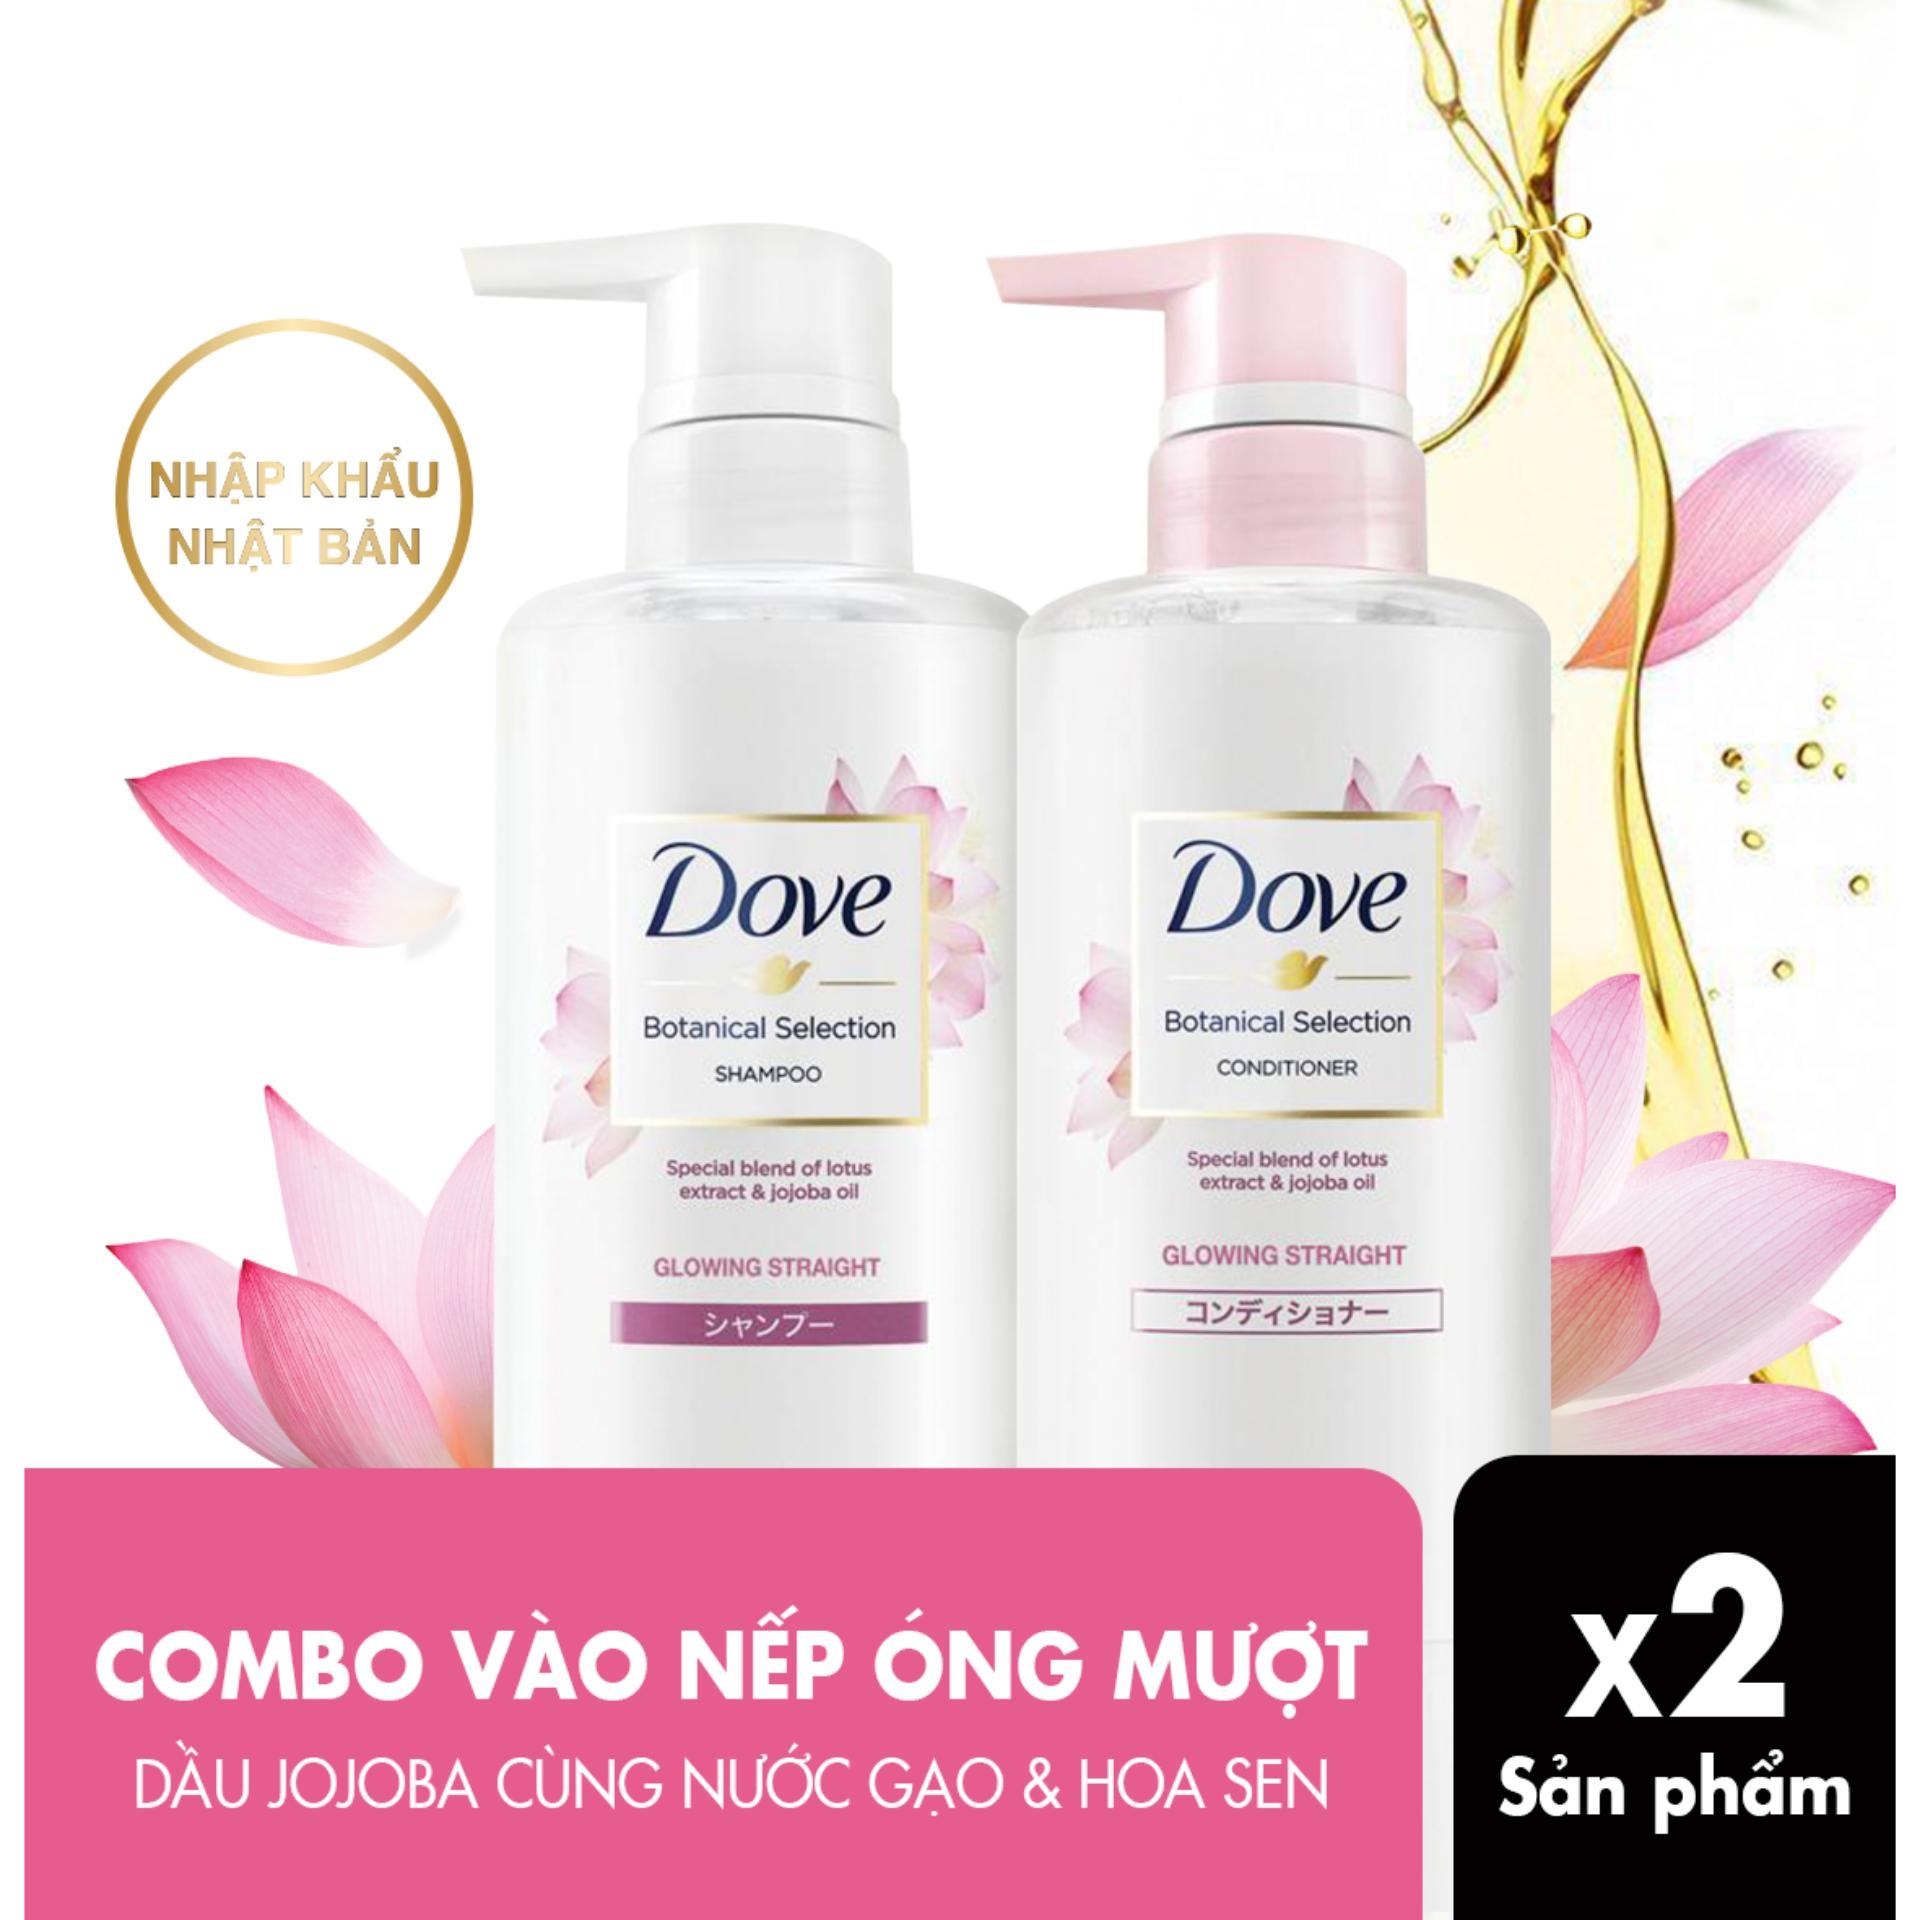 Combo dầu gội và dầu xả Dove giúp tóc bóng mượt hoa sen & dầu Jojoba Botanical Selection 500g